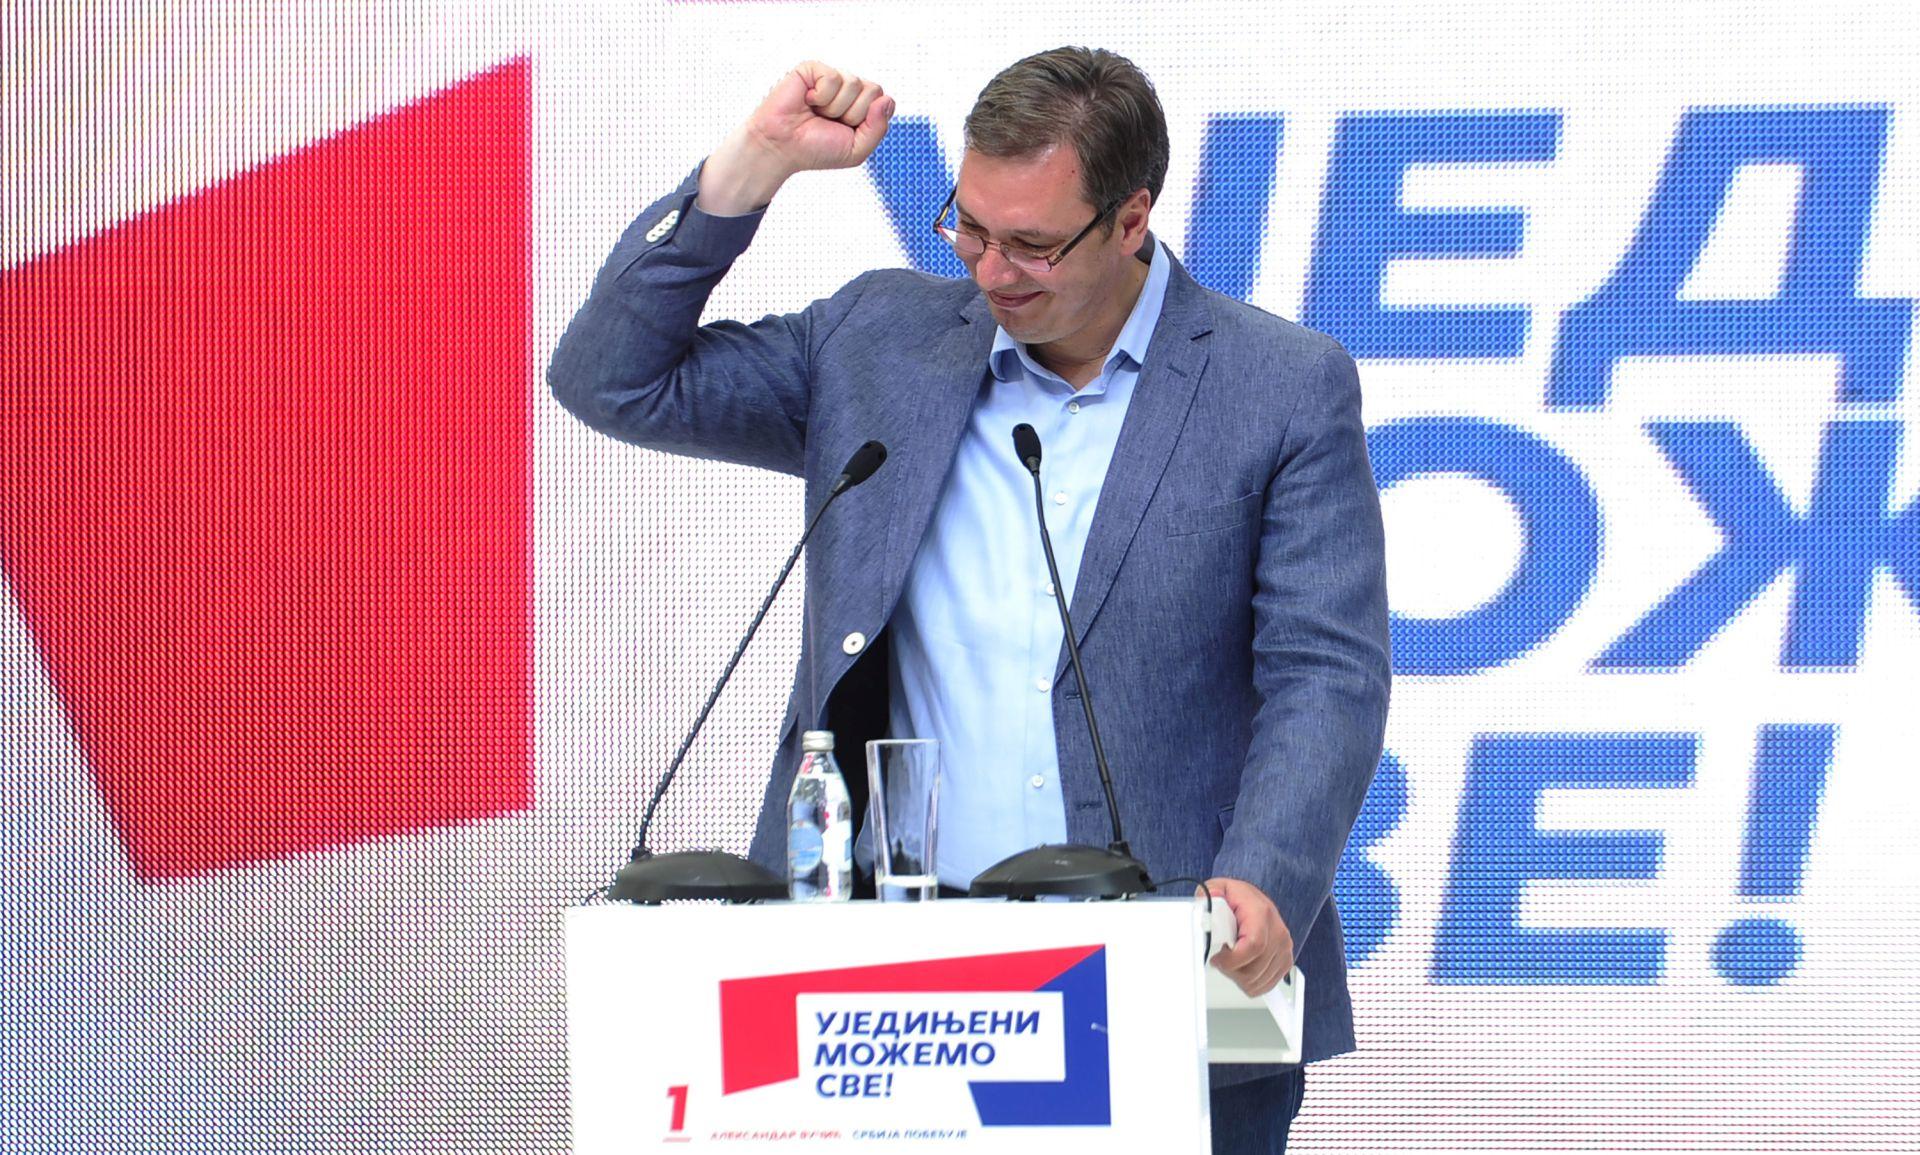 PARLAMENTARNI IZBORI: Otvorena birališta u Srbiji, predviđa se pobjeda Vučića